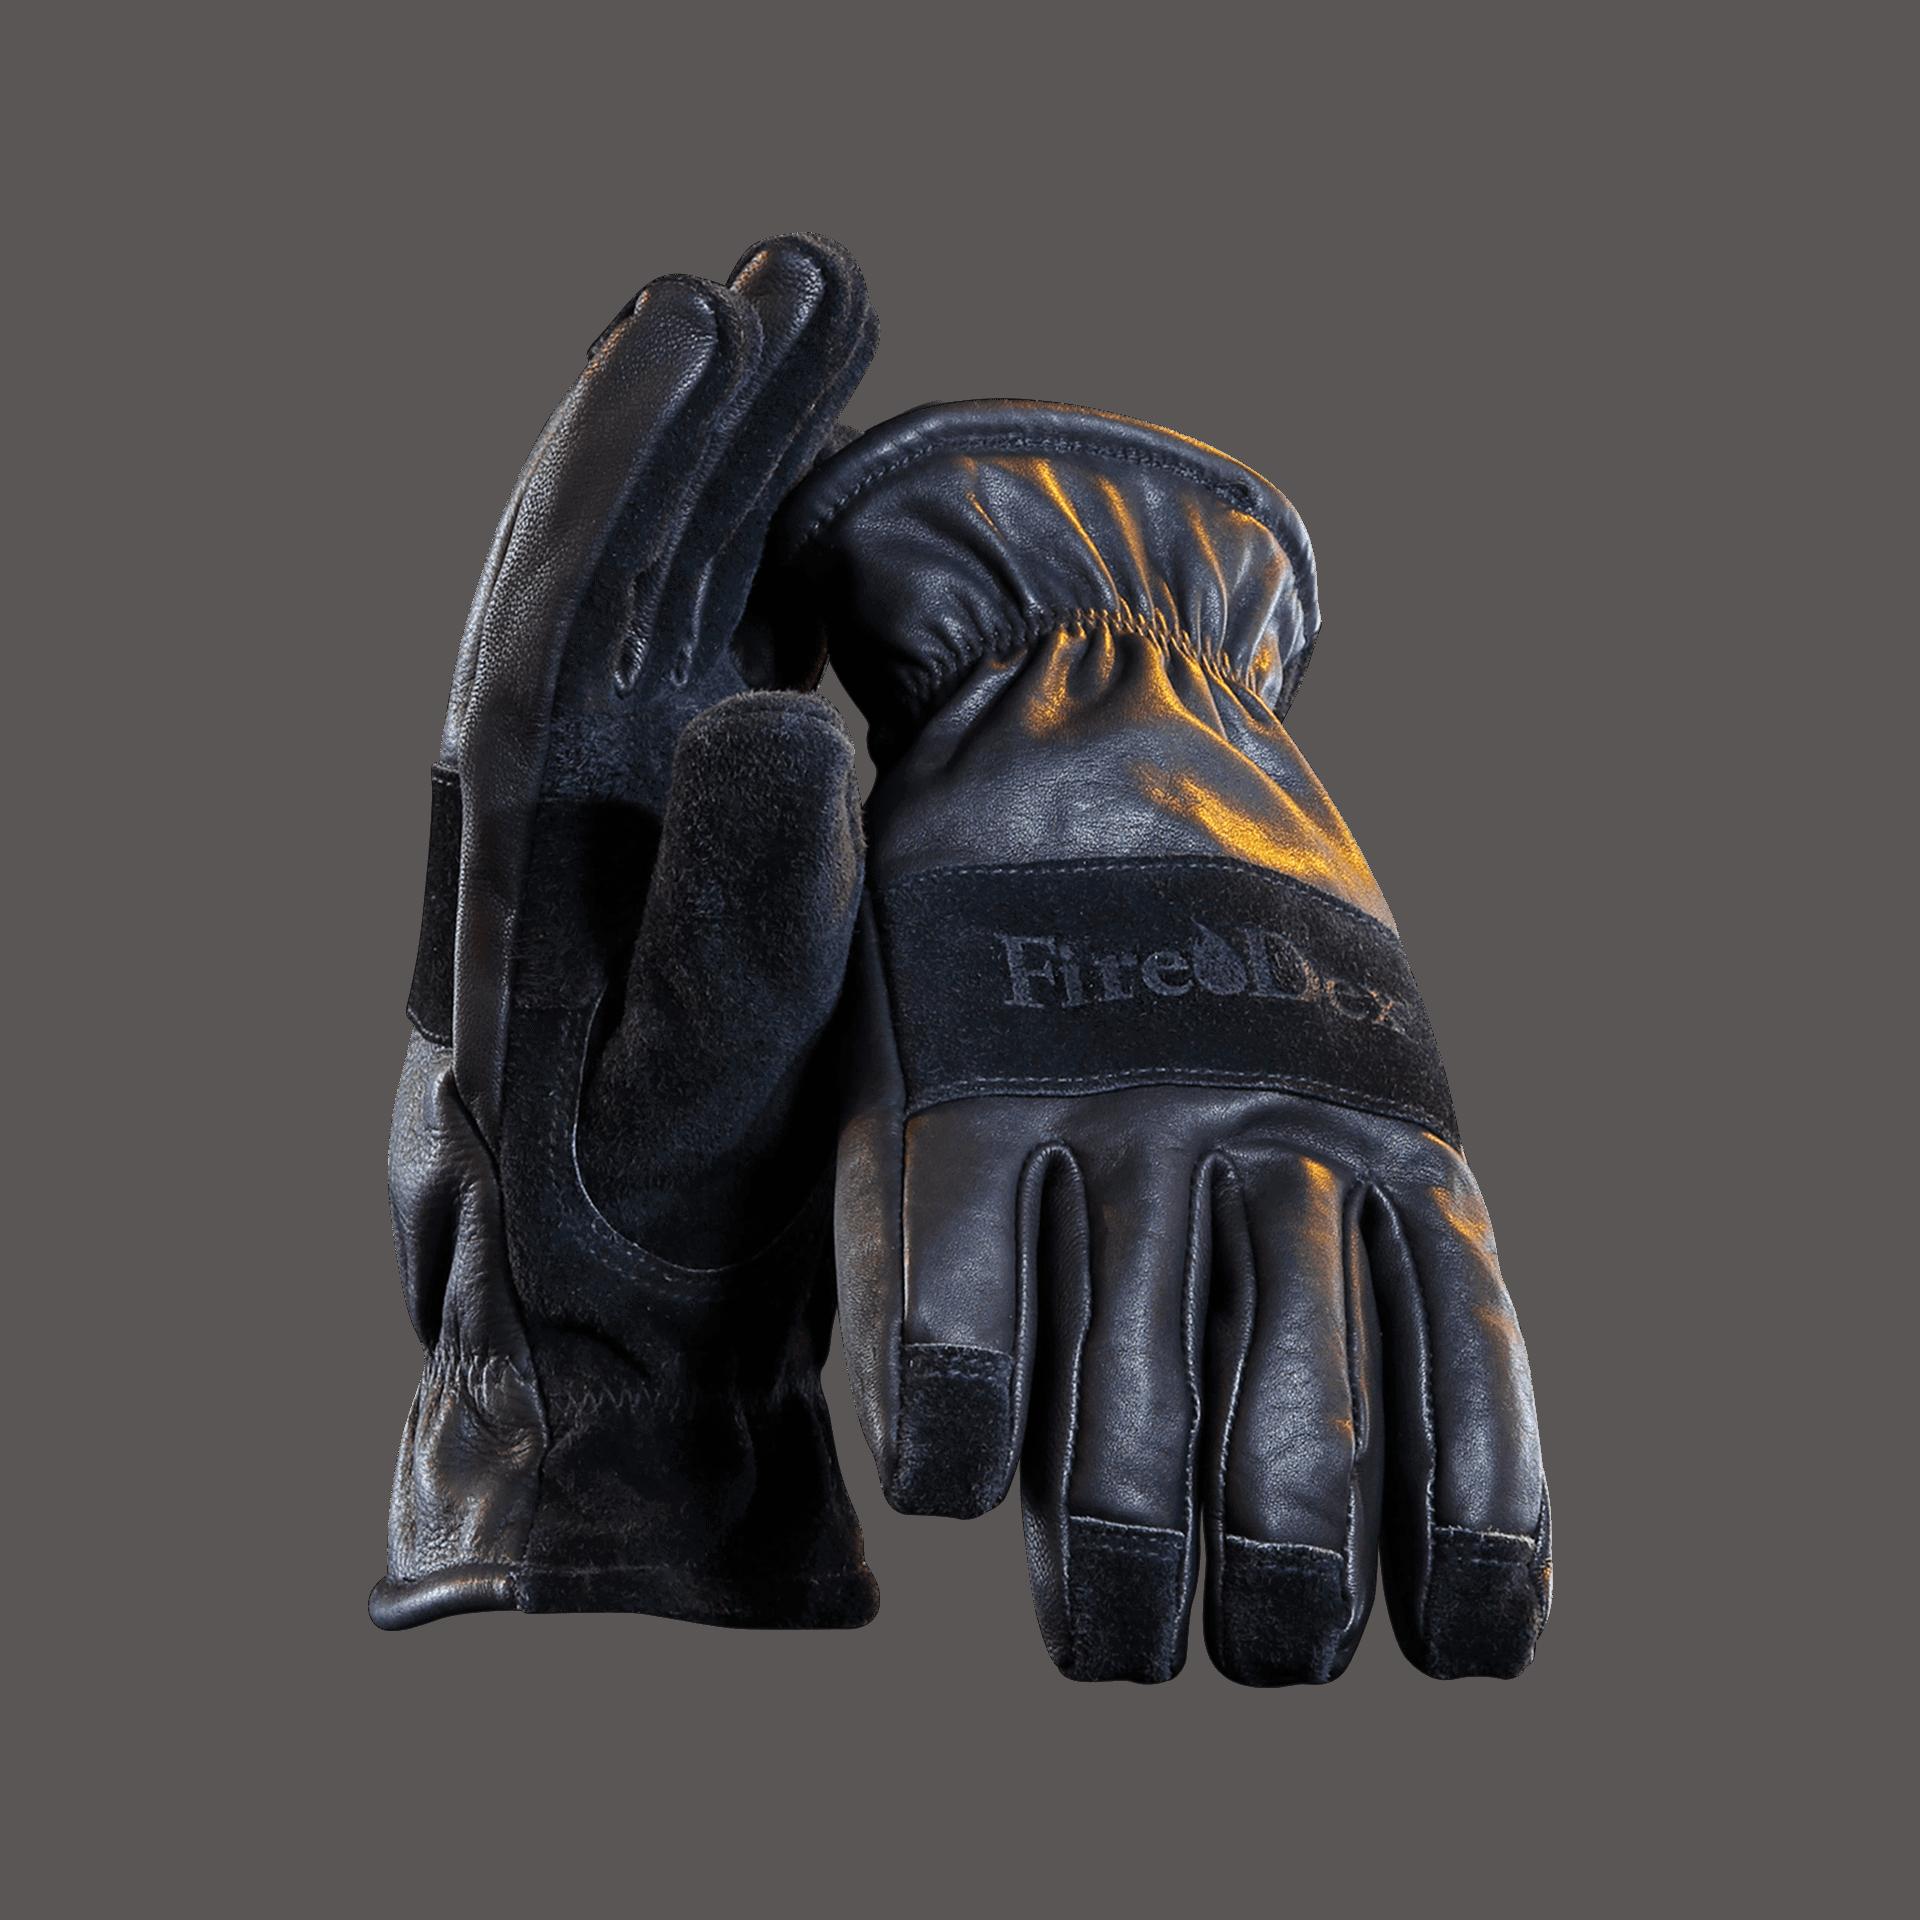 Fire-Dex Dex-Pro Gloves